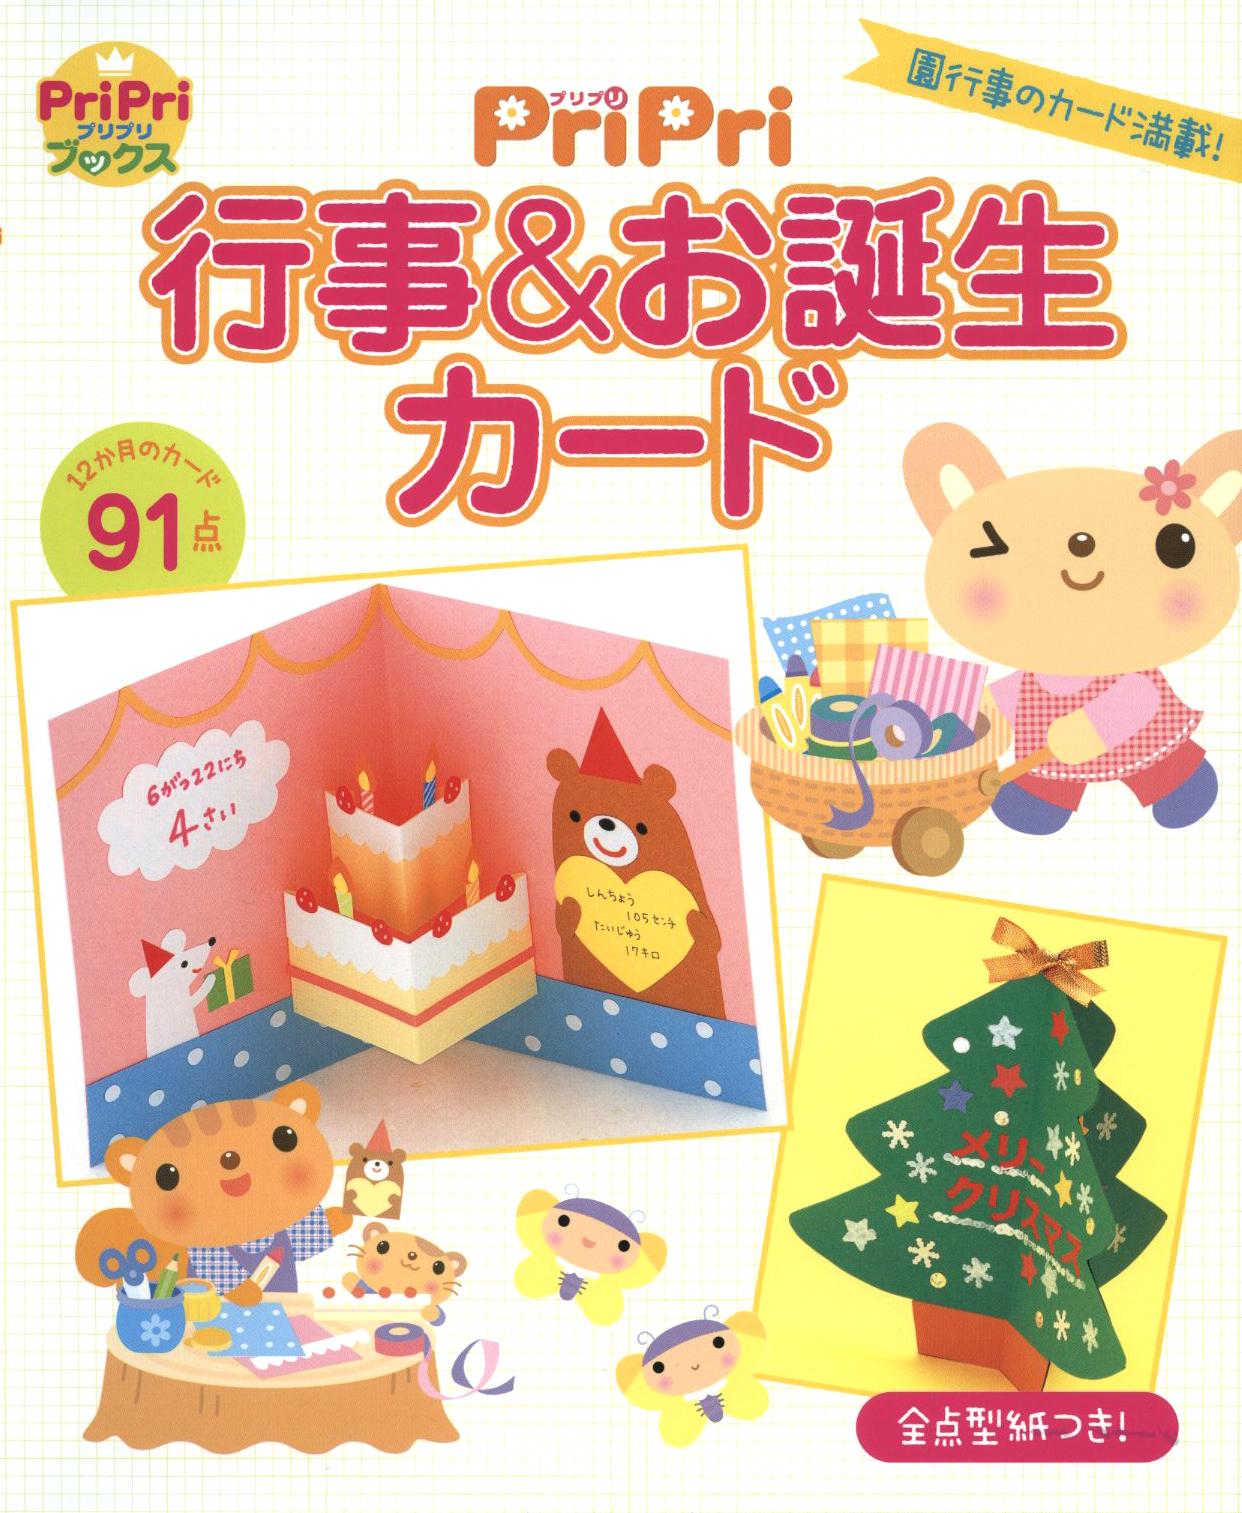 PriPri 行事&お誕生カード